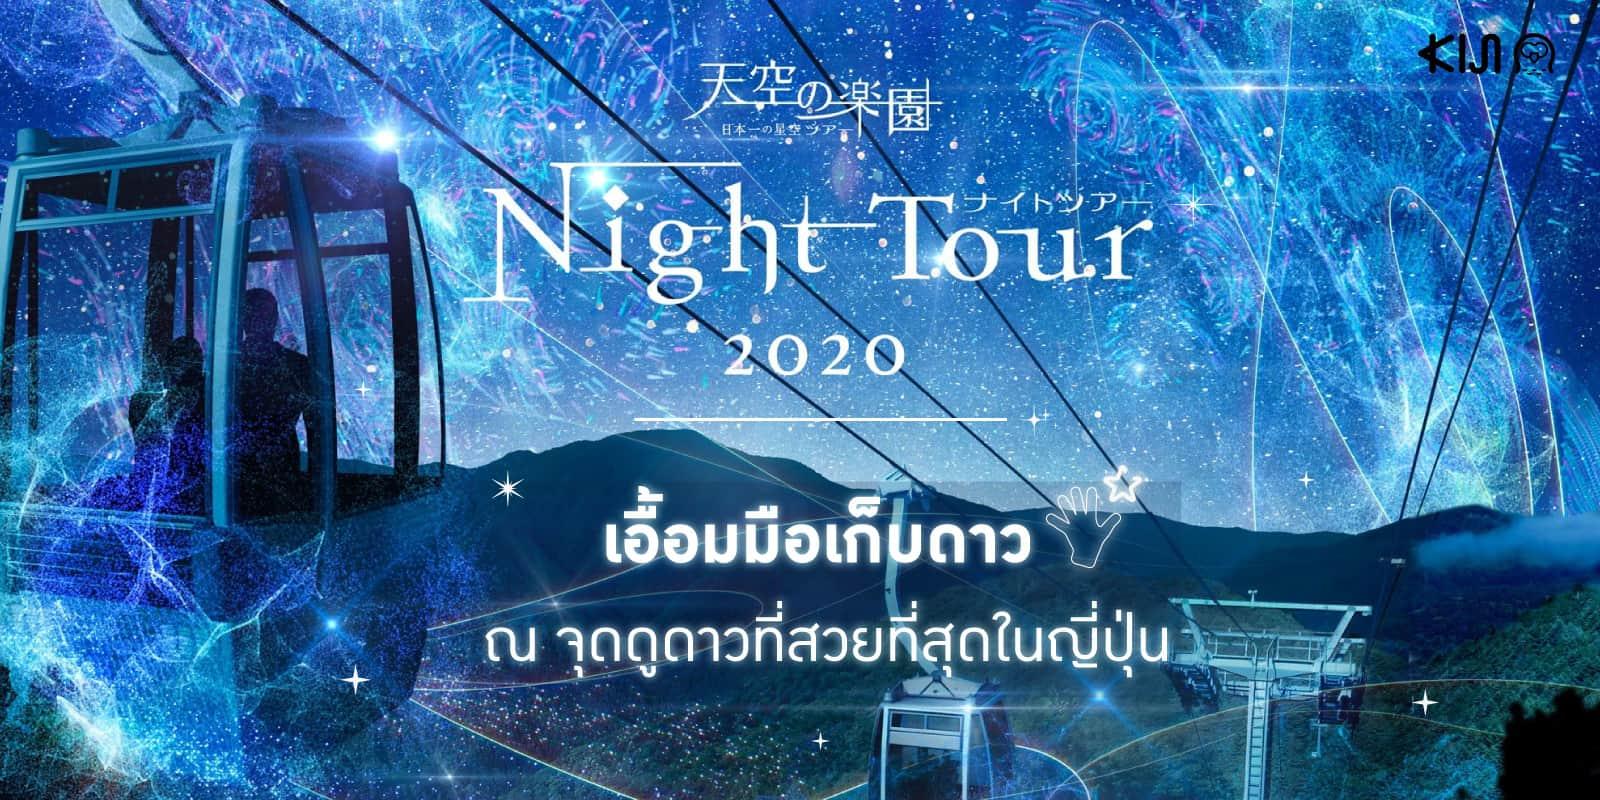 ดูดาว ที่ ญี่ปุ่น Tenku no Rakuen Night Tour 2020